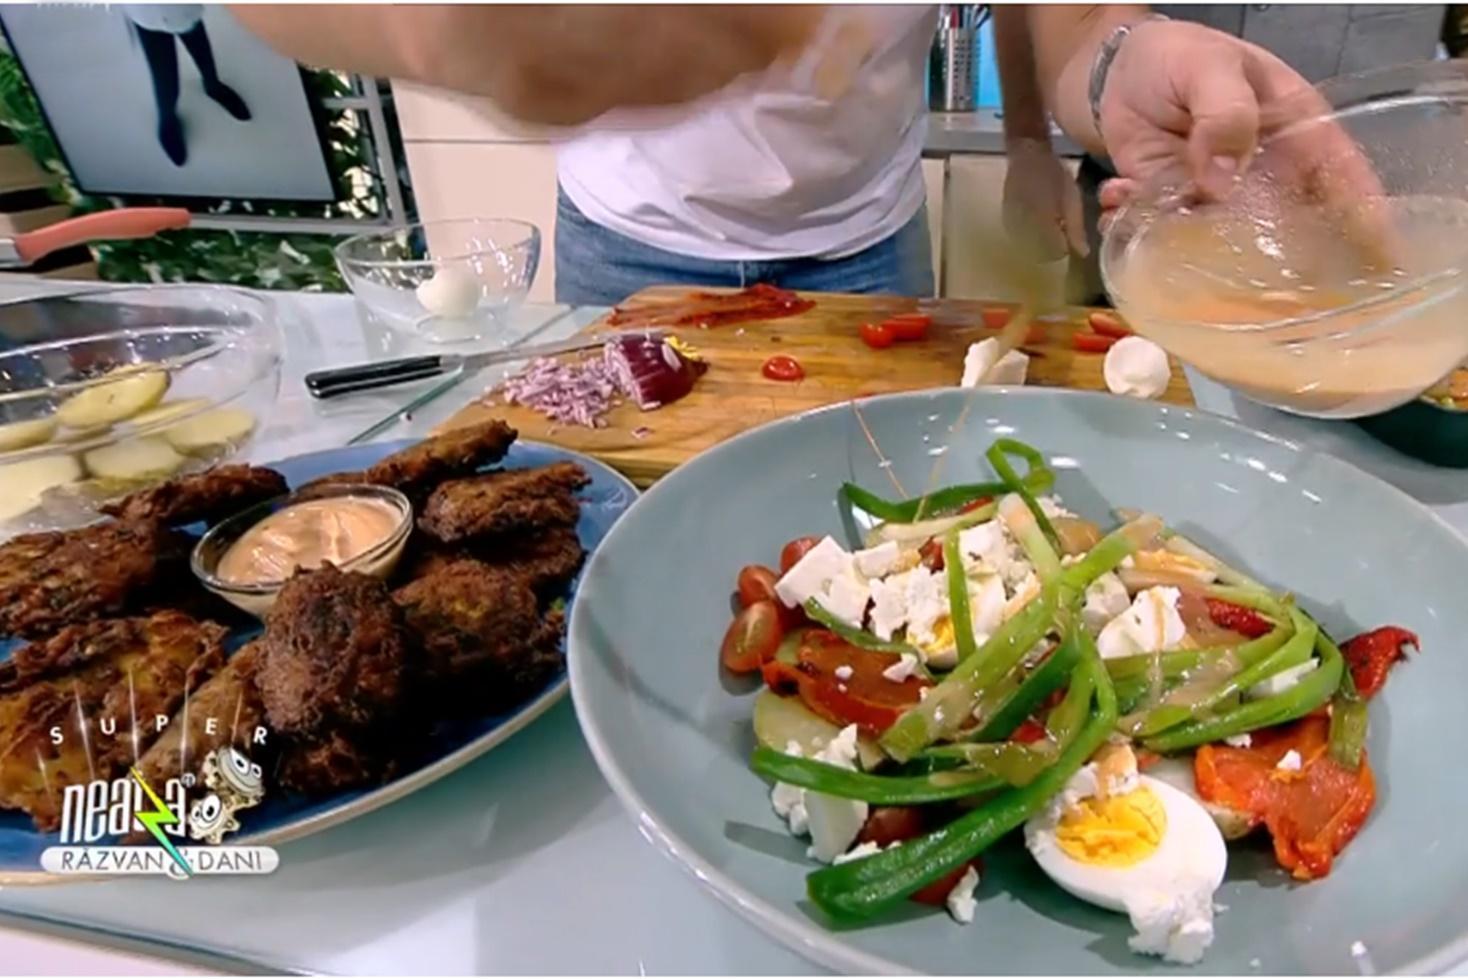 Marinadă pentru macrou și salată de cartofi cu chiftele de legume, rețetele lui chef Nicolai Tand la Neatza cu Răzvan și Dani